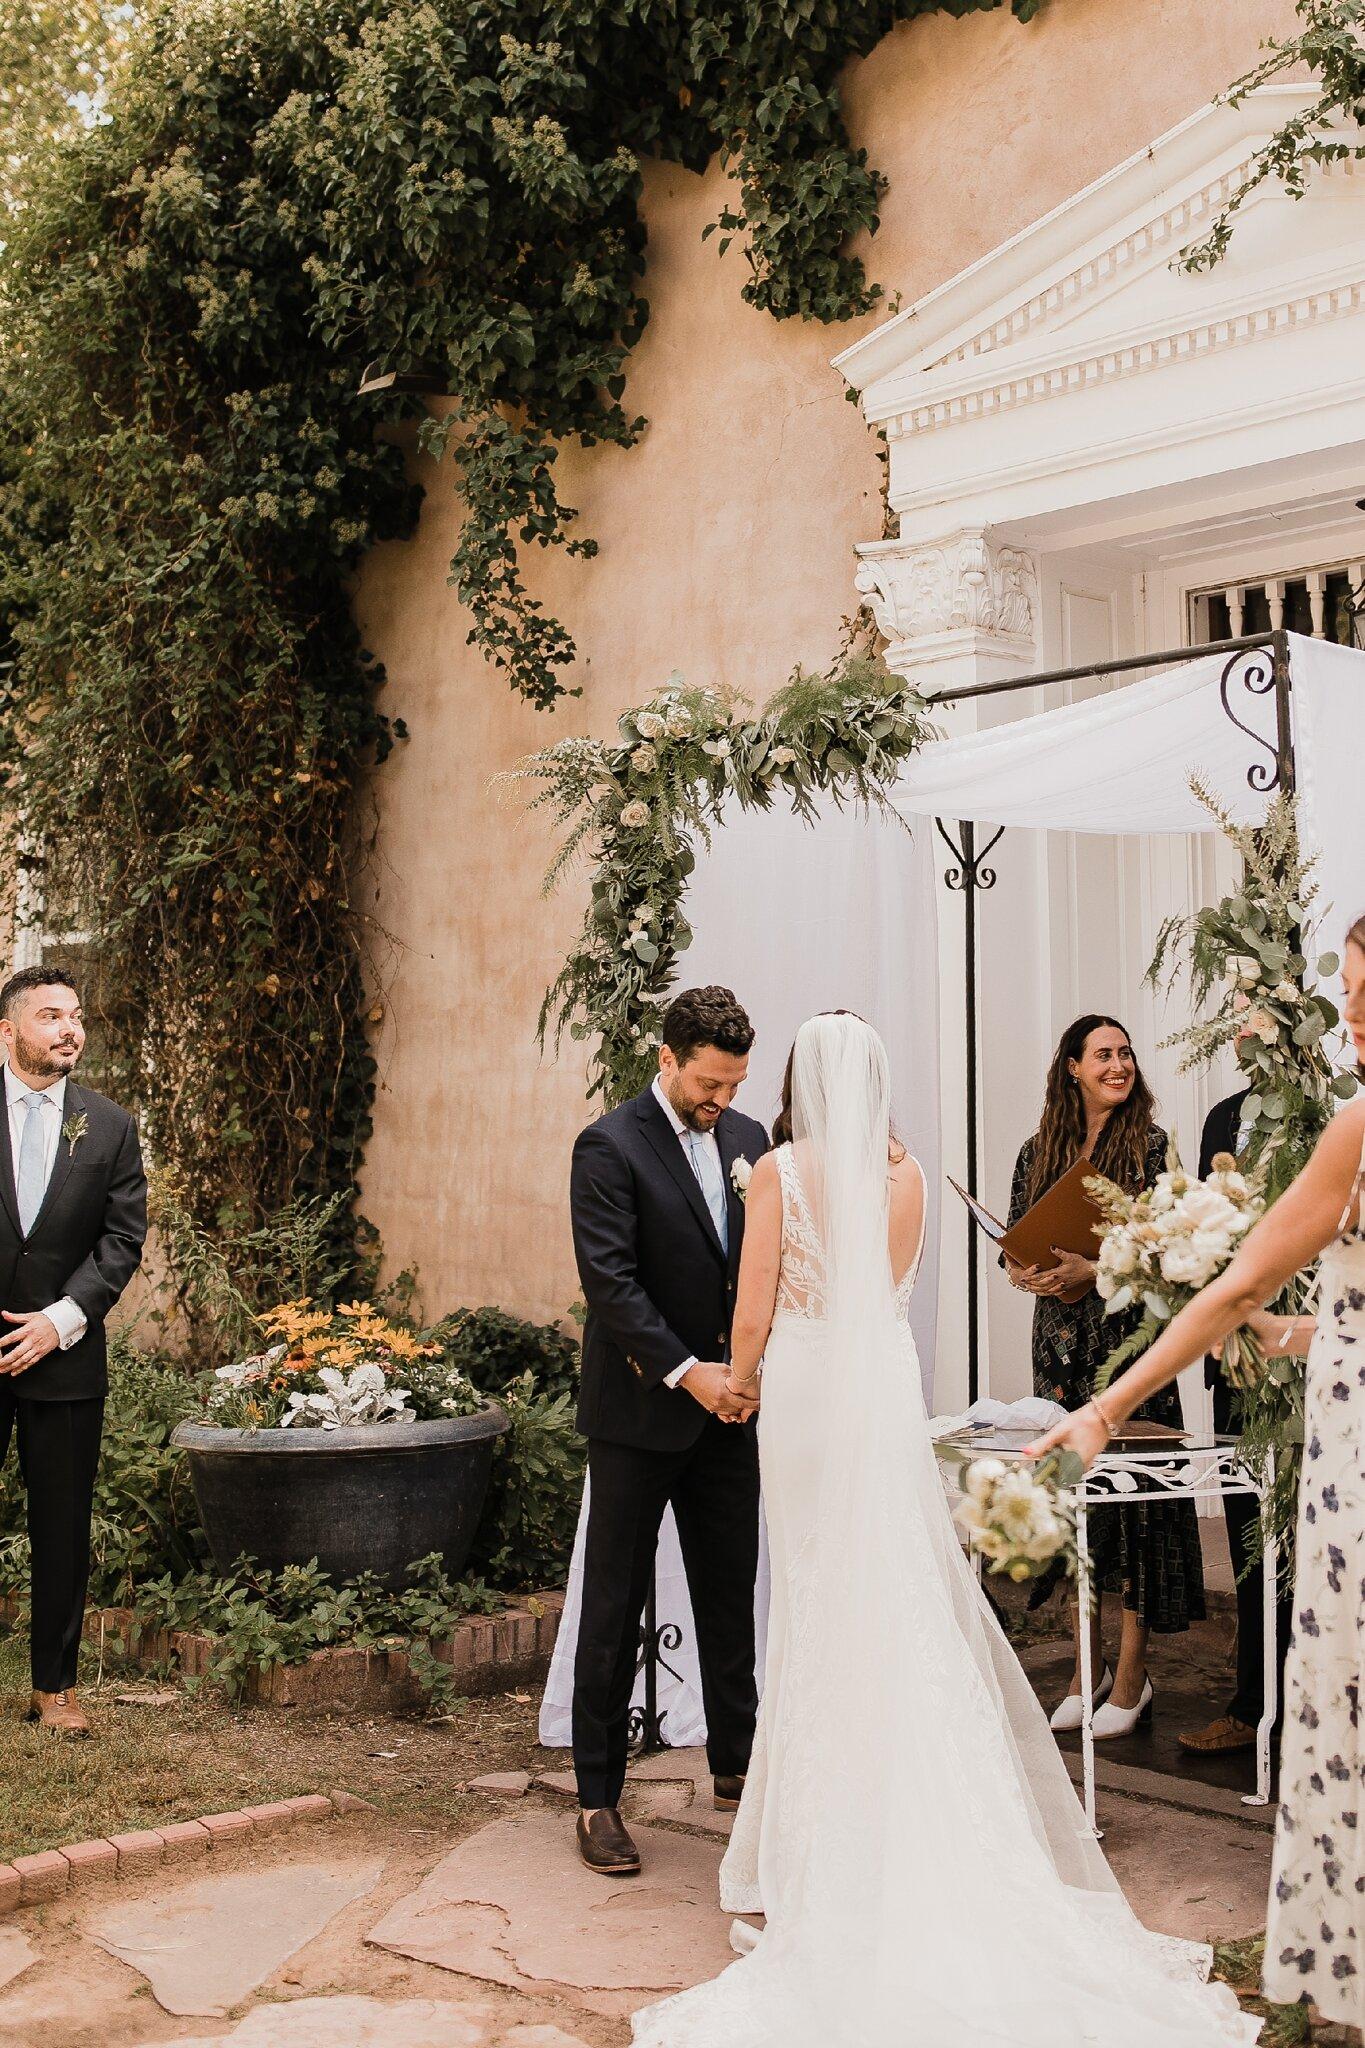 Alicia+lucia+photography+-+albuquerque+wedding+photographer+-+santa+fe+wedding+photography+-+new+mexico+wedding+photographer+-+new+mexico+wedding+-+wedding+-+albuquerque+wedding+-+los+poblanos+-+los+poblanos+wedding+-+fall+wedding_0052.jpg